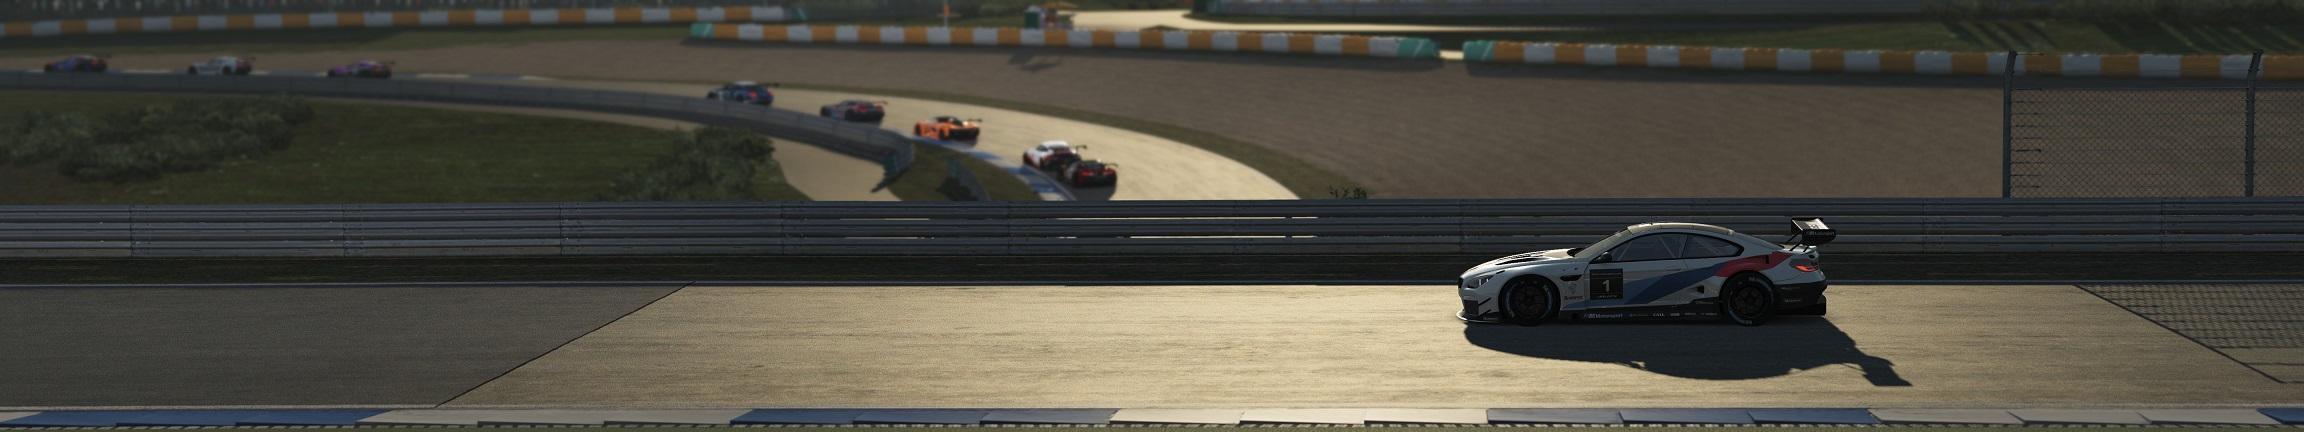 2 rF2 GT3 at PORTUGAL GT wide bmw side copy.jpg